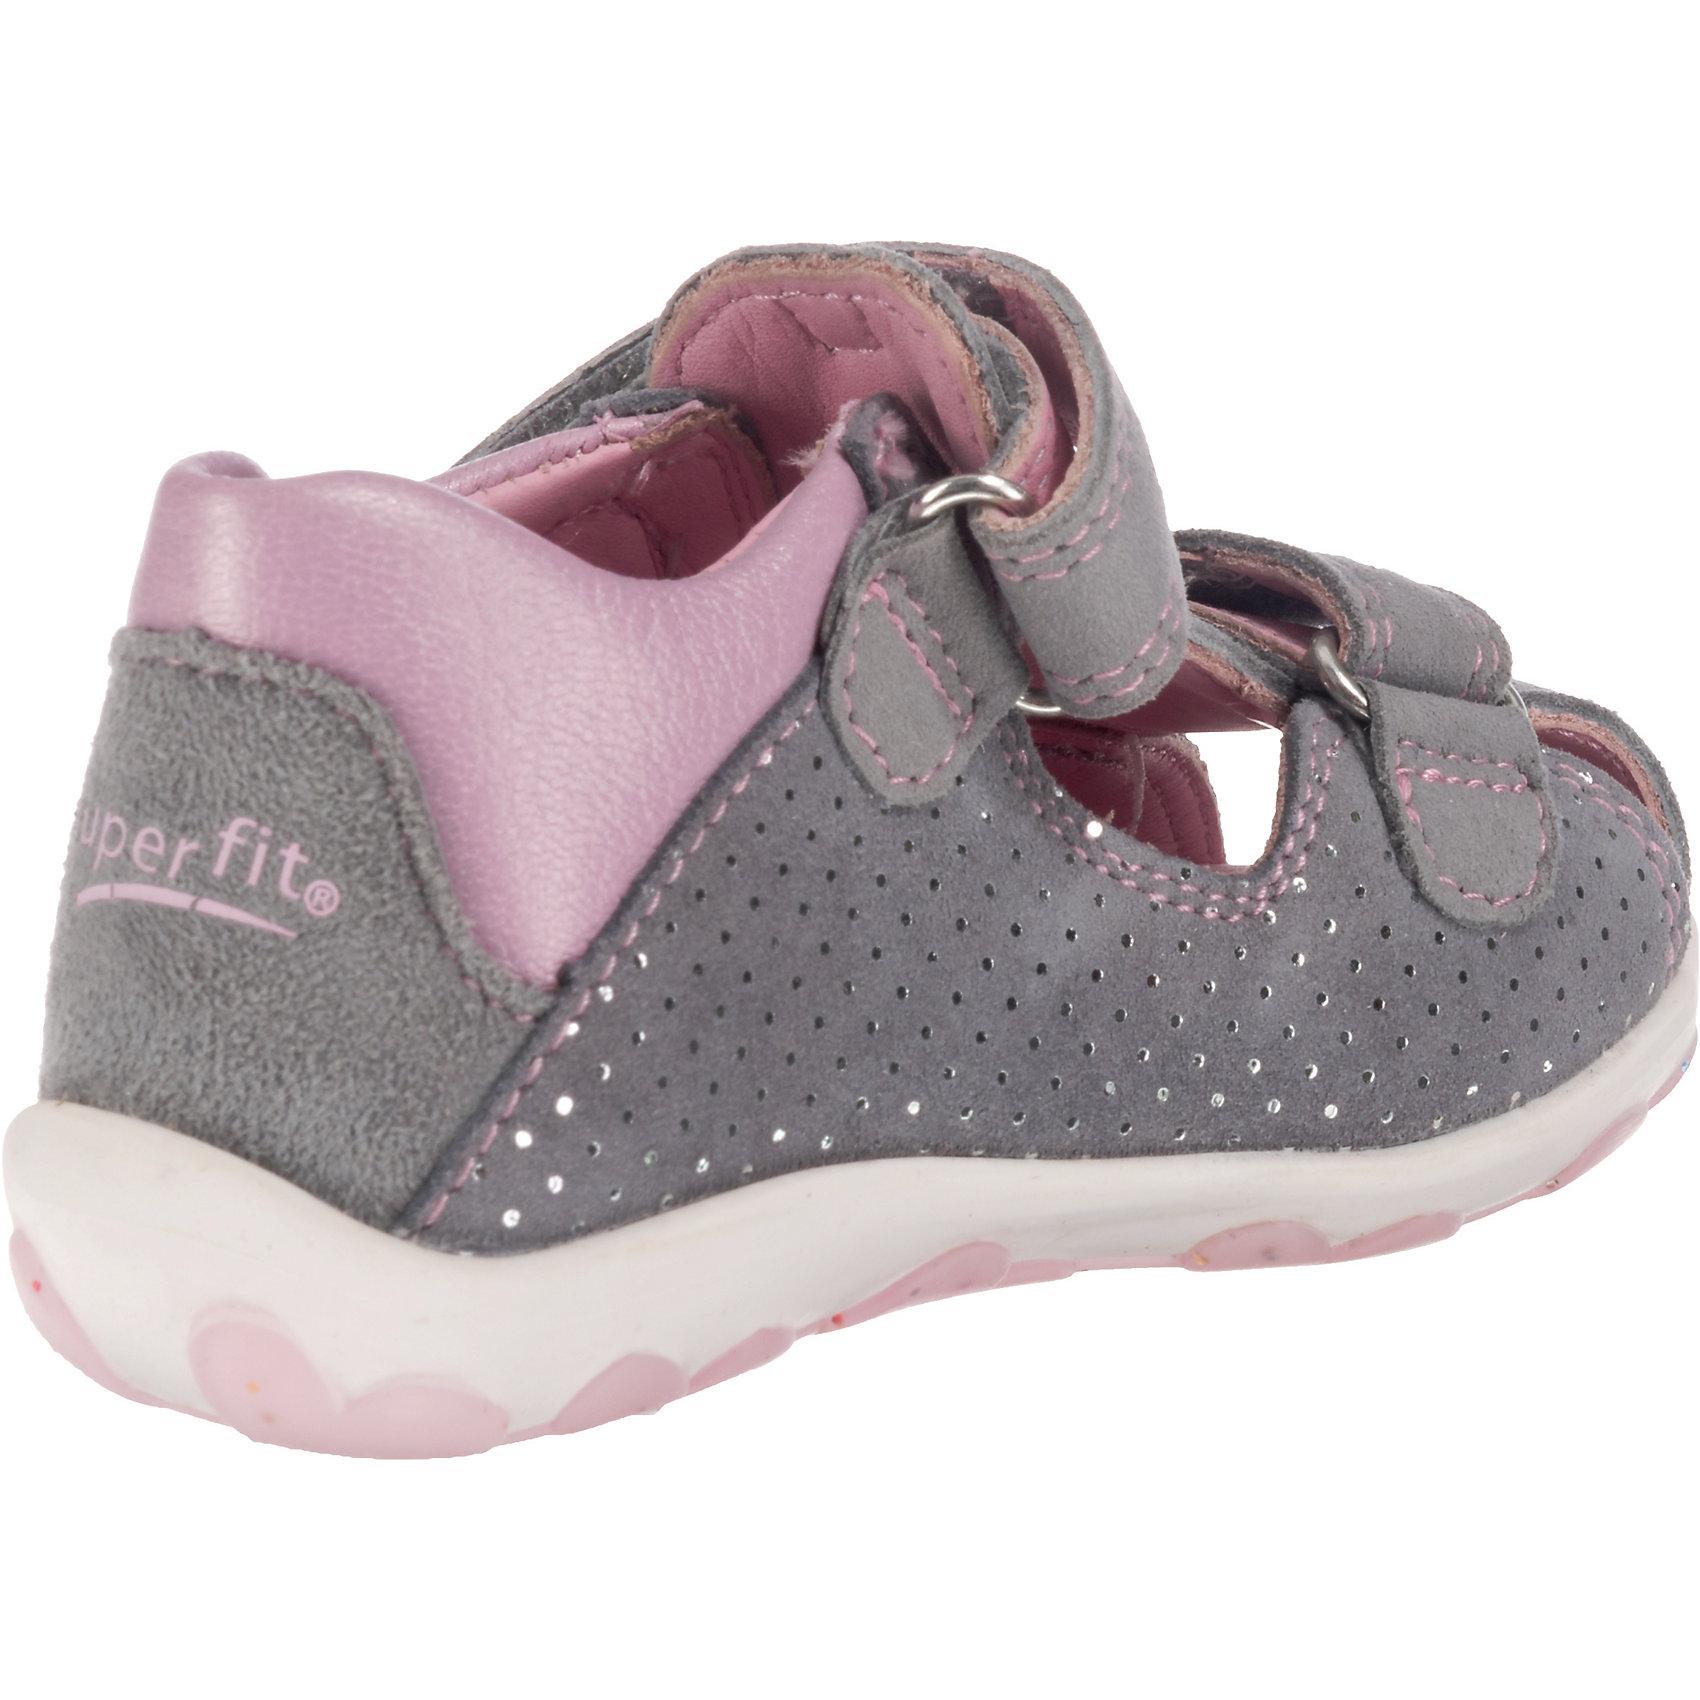 Weite M4 7205074 für Mädchen Neu superfit Baby Sandalen FANNI für Mädchen